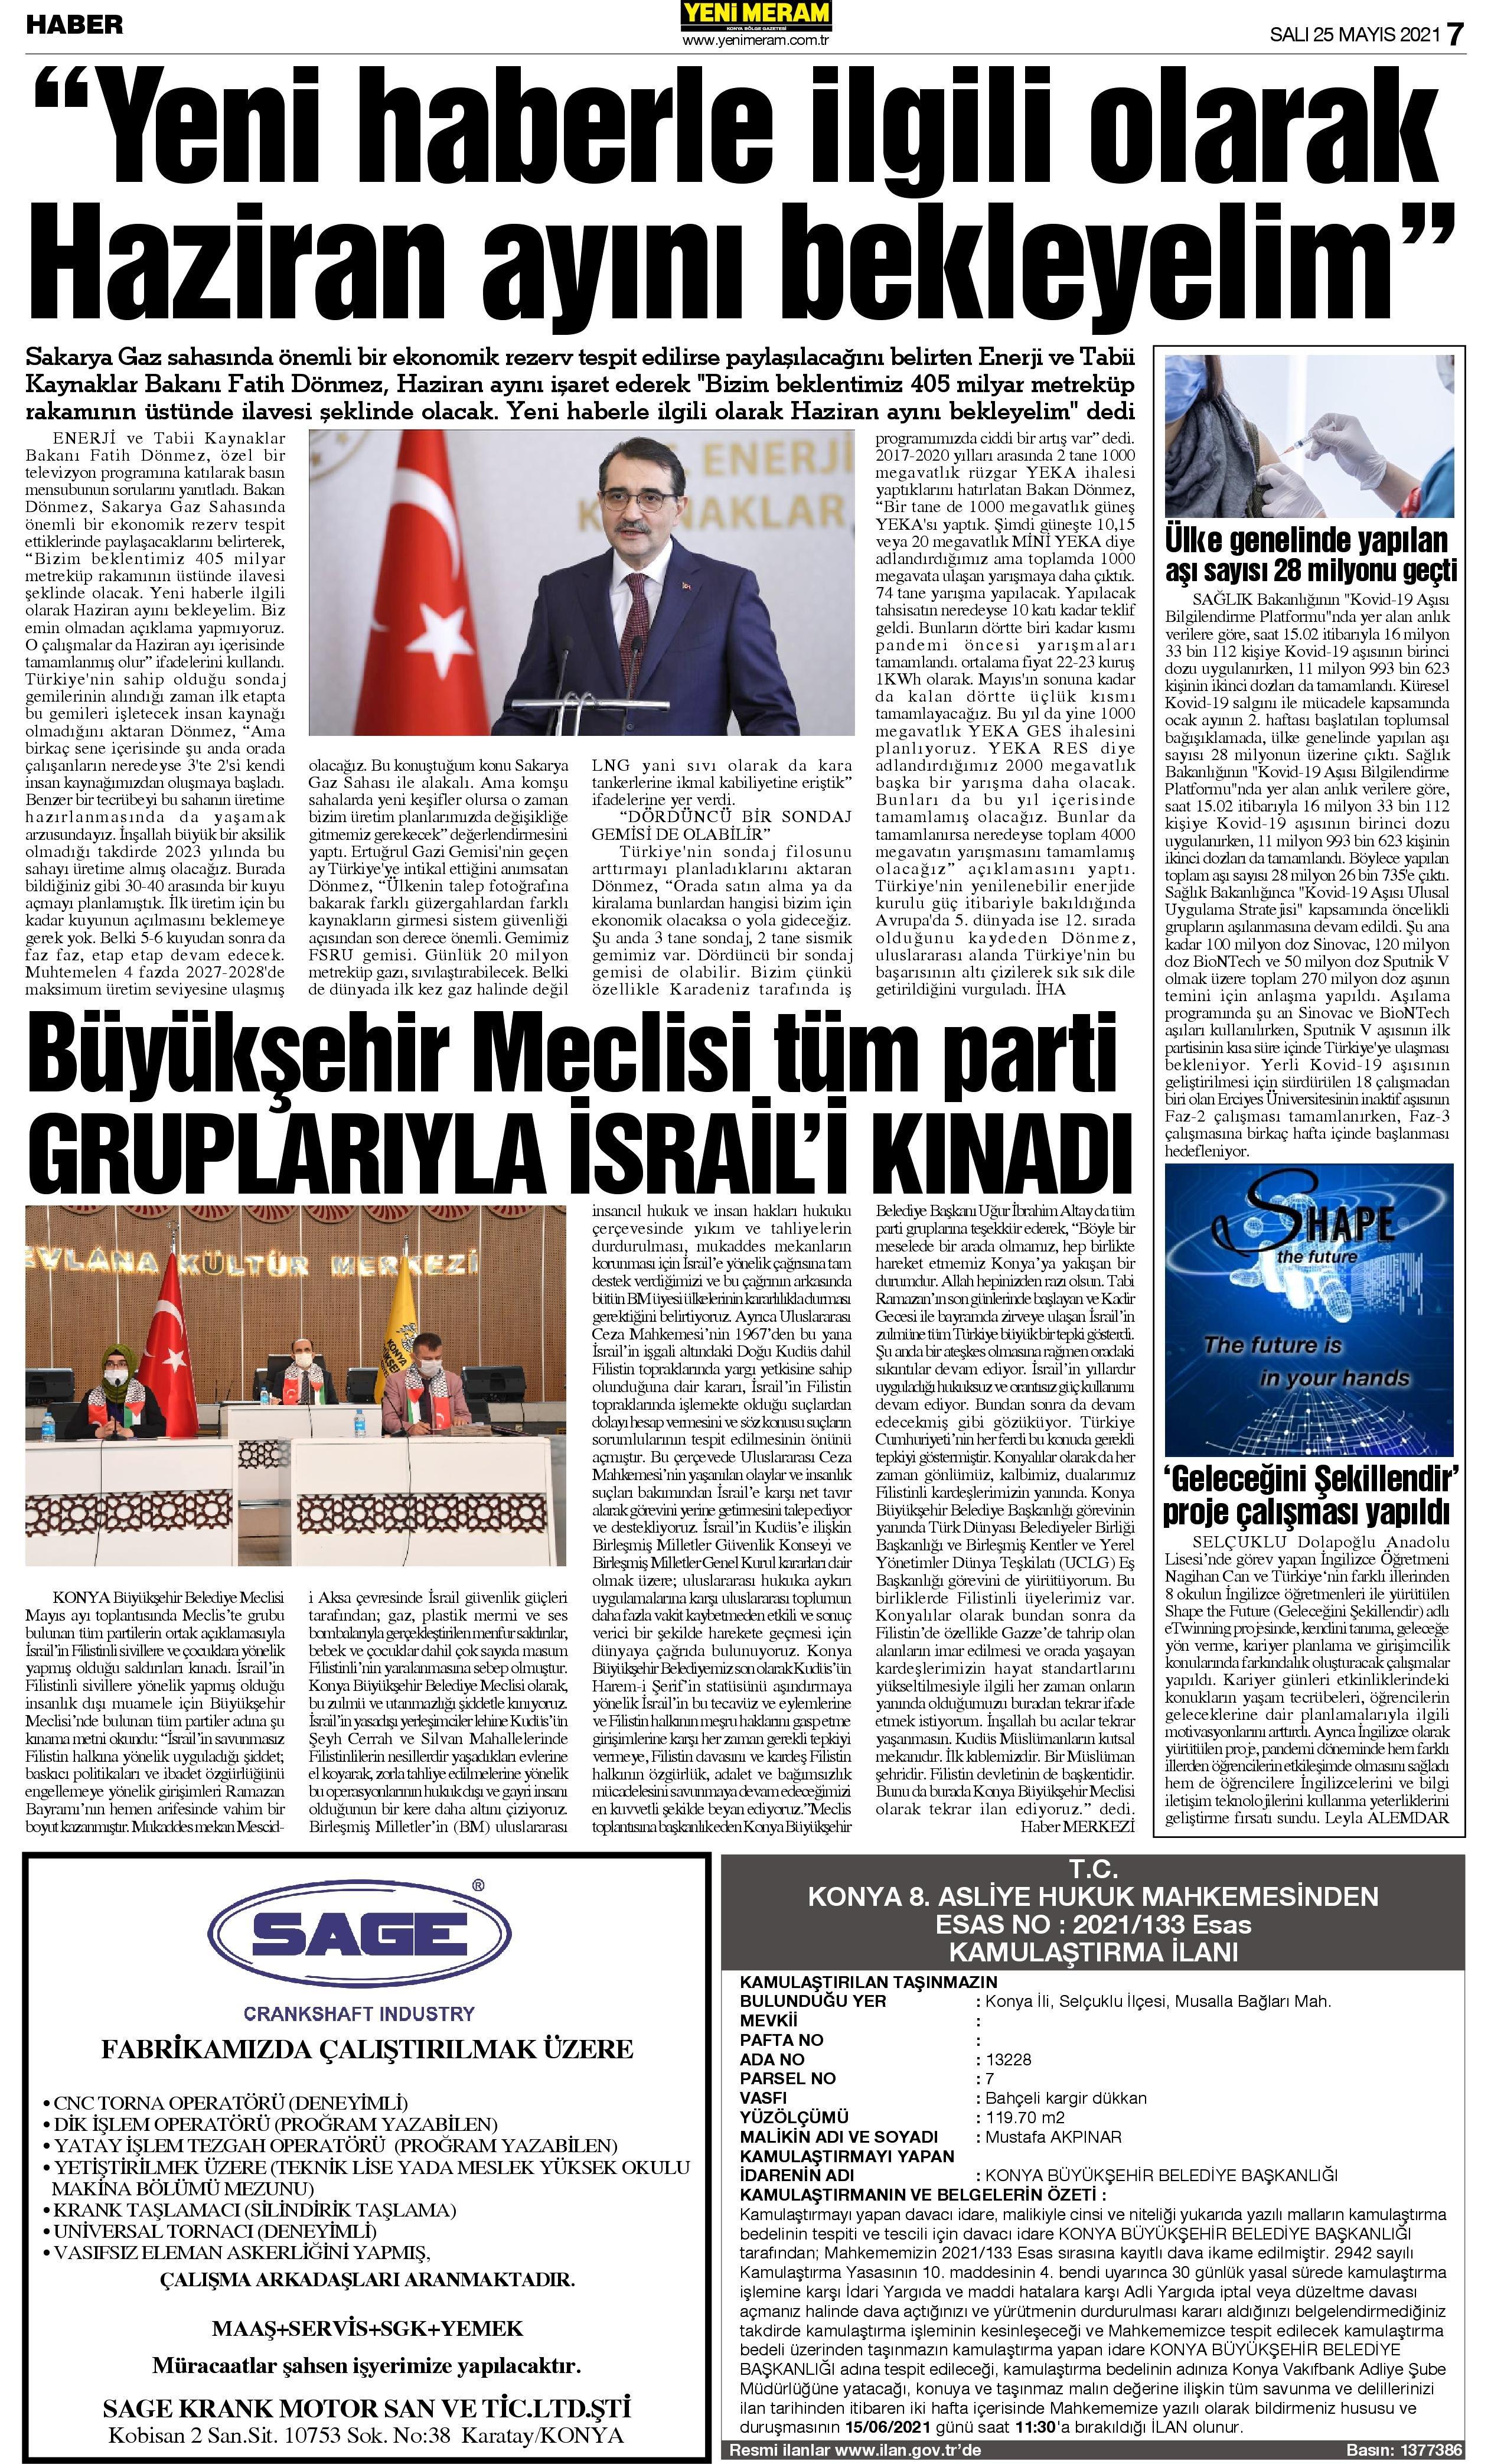 25 Mayıs 2021 Yeni Meram Gazetesi